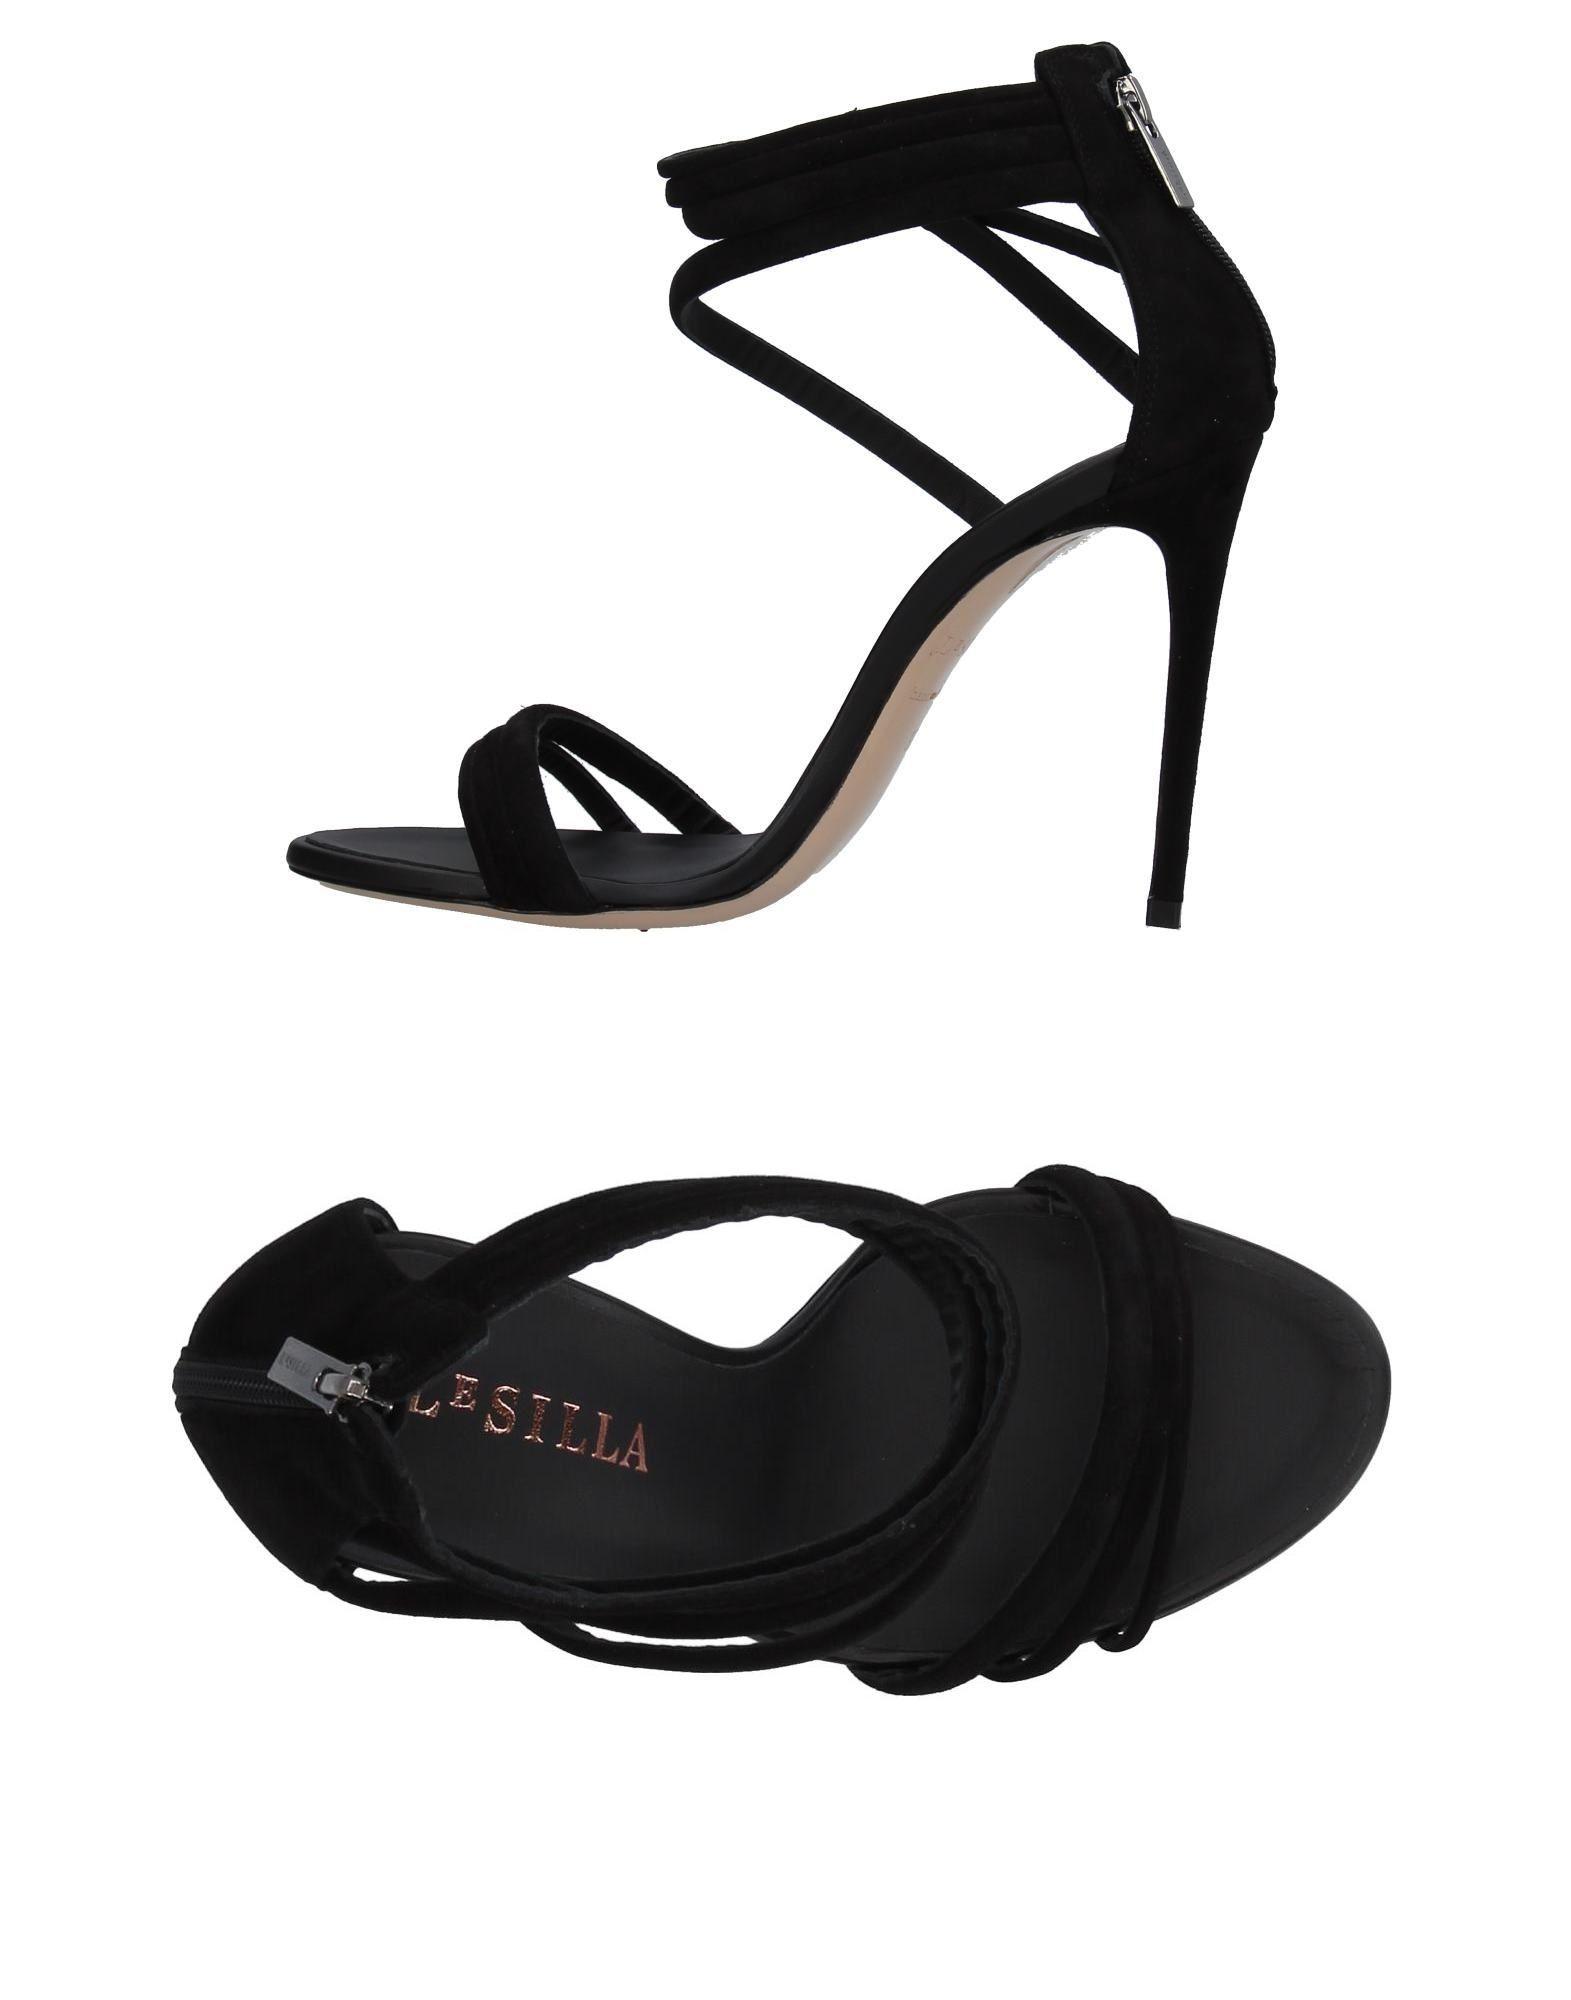 Ballerine Carshoe Donna - 11497574JD Scarpe economiche e buone